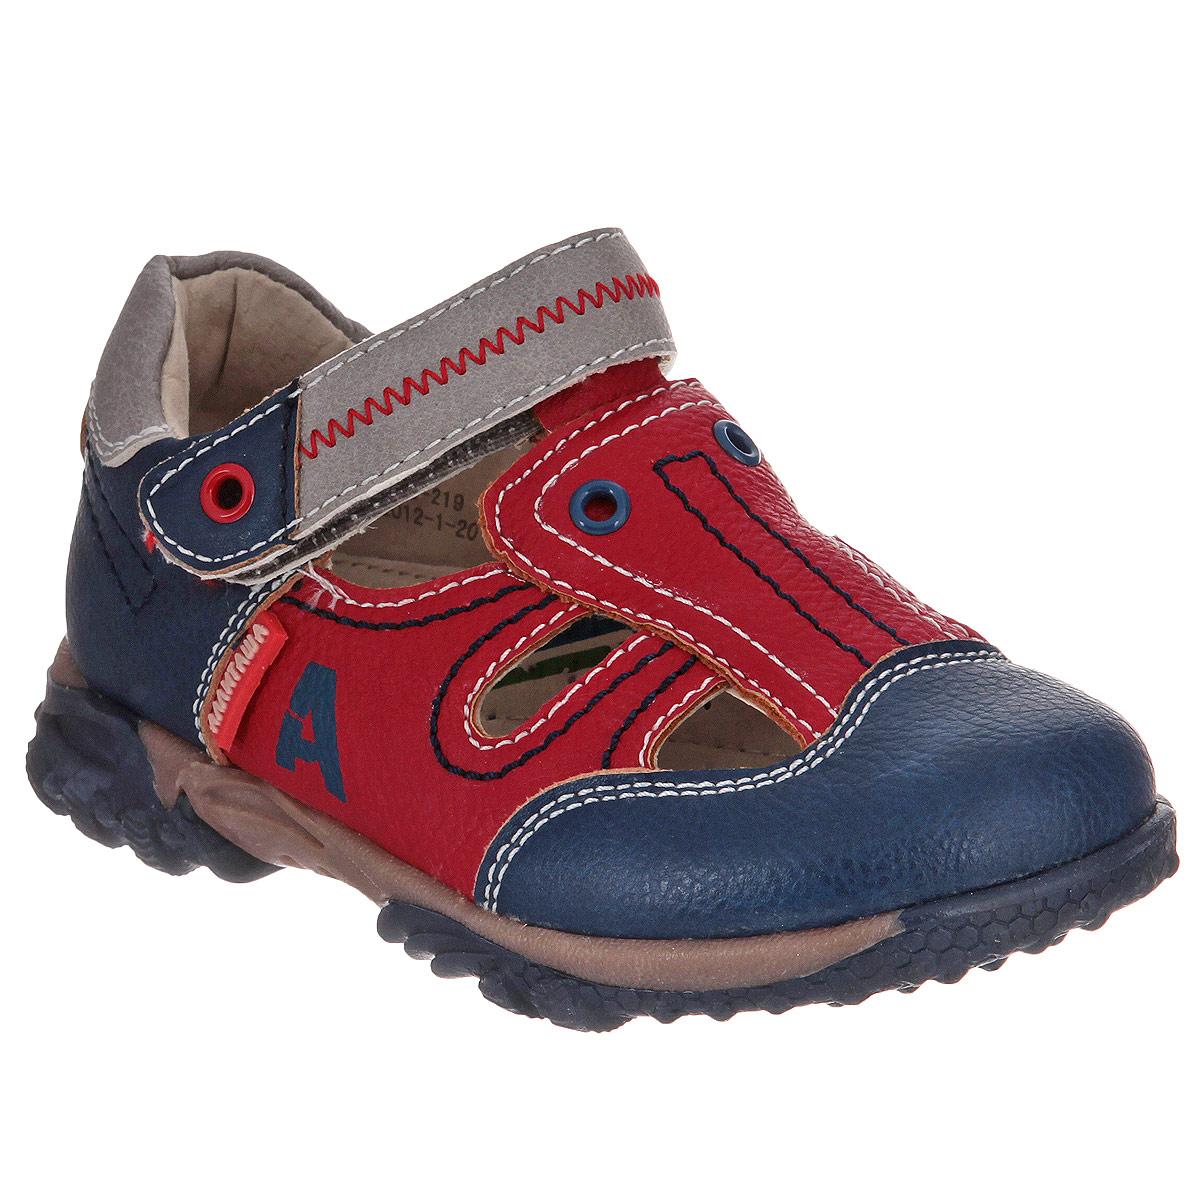 Сандалии для мальчика. 12-21912-219Стильные закрытые сандалии Аллигаша подойдут как для повседневной носки в закрытых помещениях, так и для уличных прогулок. Модель выполнена из искусственной кожи и оформлена контрастной прострочкой, металлическими клепками и логотипом бренда. Полужесткий закрытый задник и ремешок с застежкой-липучкой надежно фиксируют ножку ребенка, не давая ей смещаться из стороны в сторону и назад. Стелька из натуральной кожи дополнена супинатором с перфорацией, который обеспечивает правильное положение ноги ребенка при ходьбе, предотвращает плоскостопие. Внутренний материал обеспечивает идеальный микроклимат, позволяя ножке дышать. Рифленая поверхность подошвы защищает изделие от скольжения. Модные сандалии и яркий дизайн поднимут настроение вам и вашему ребенку!